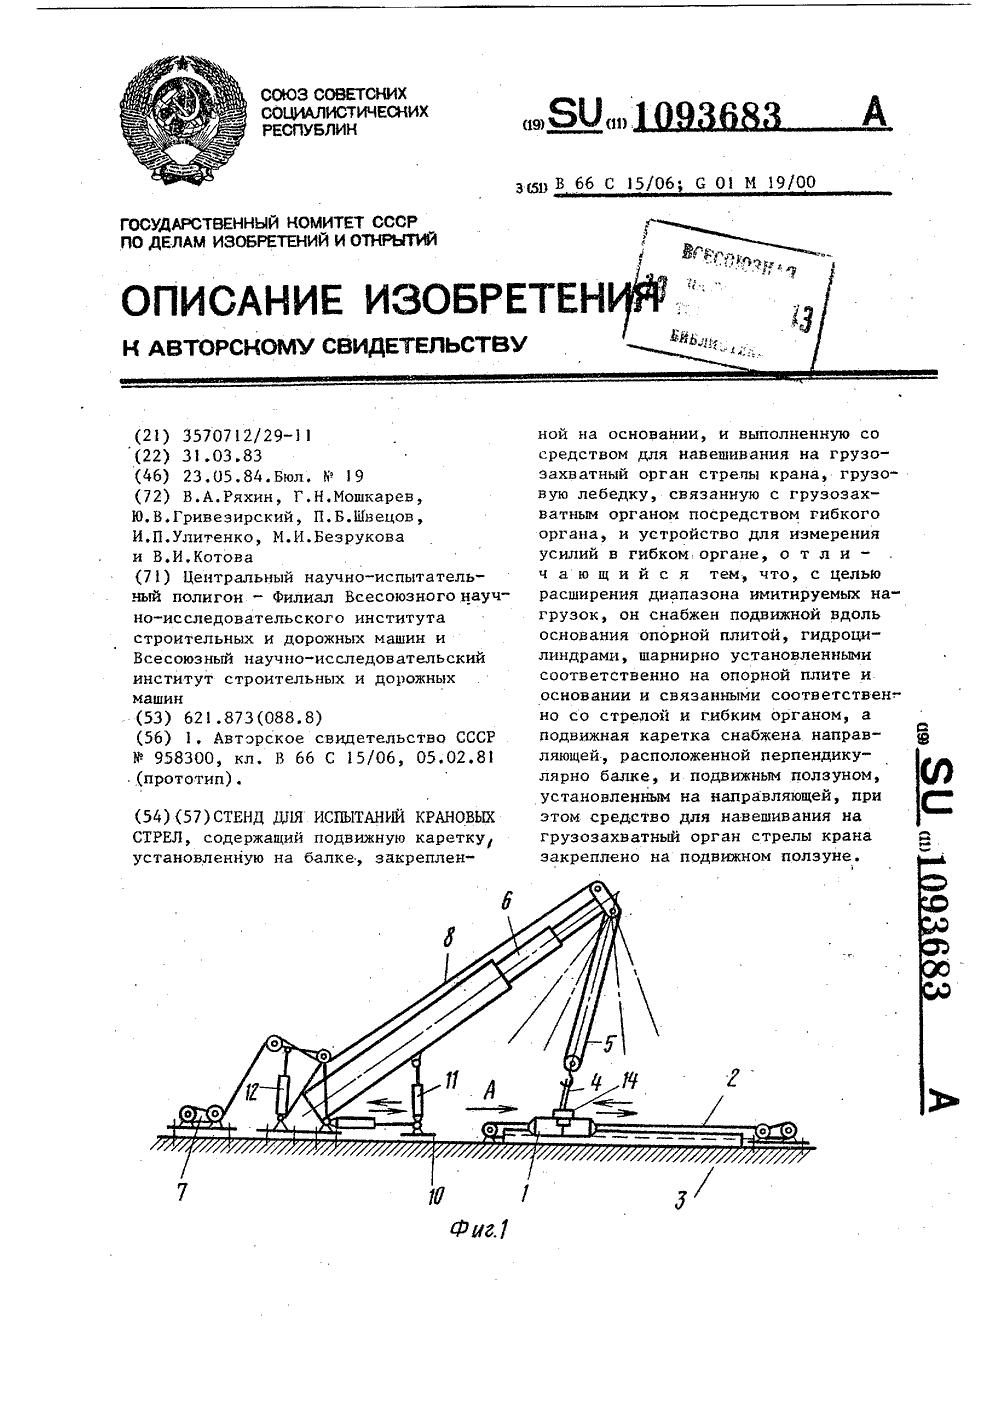 схема раскрепления спаренных грузовых чтрел